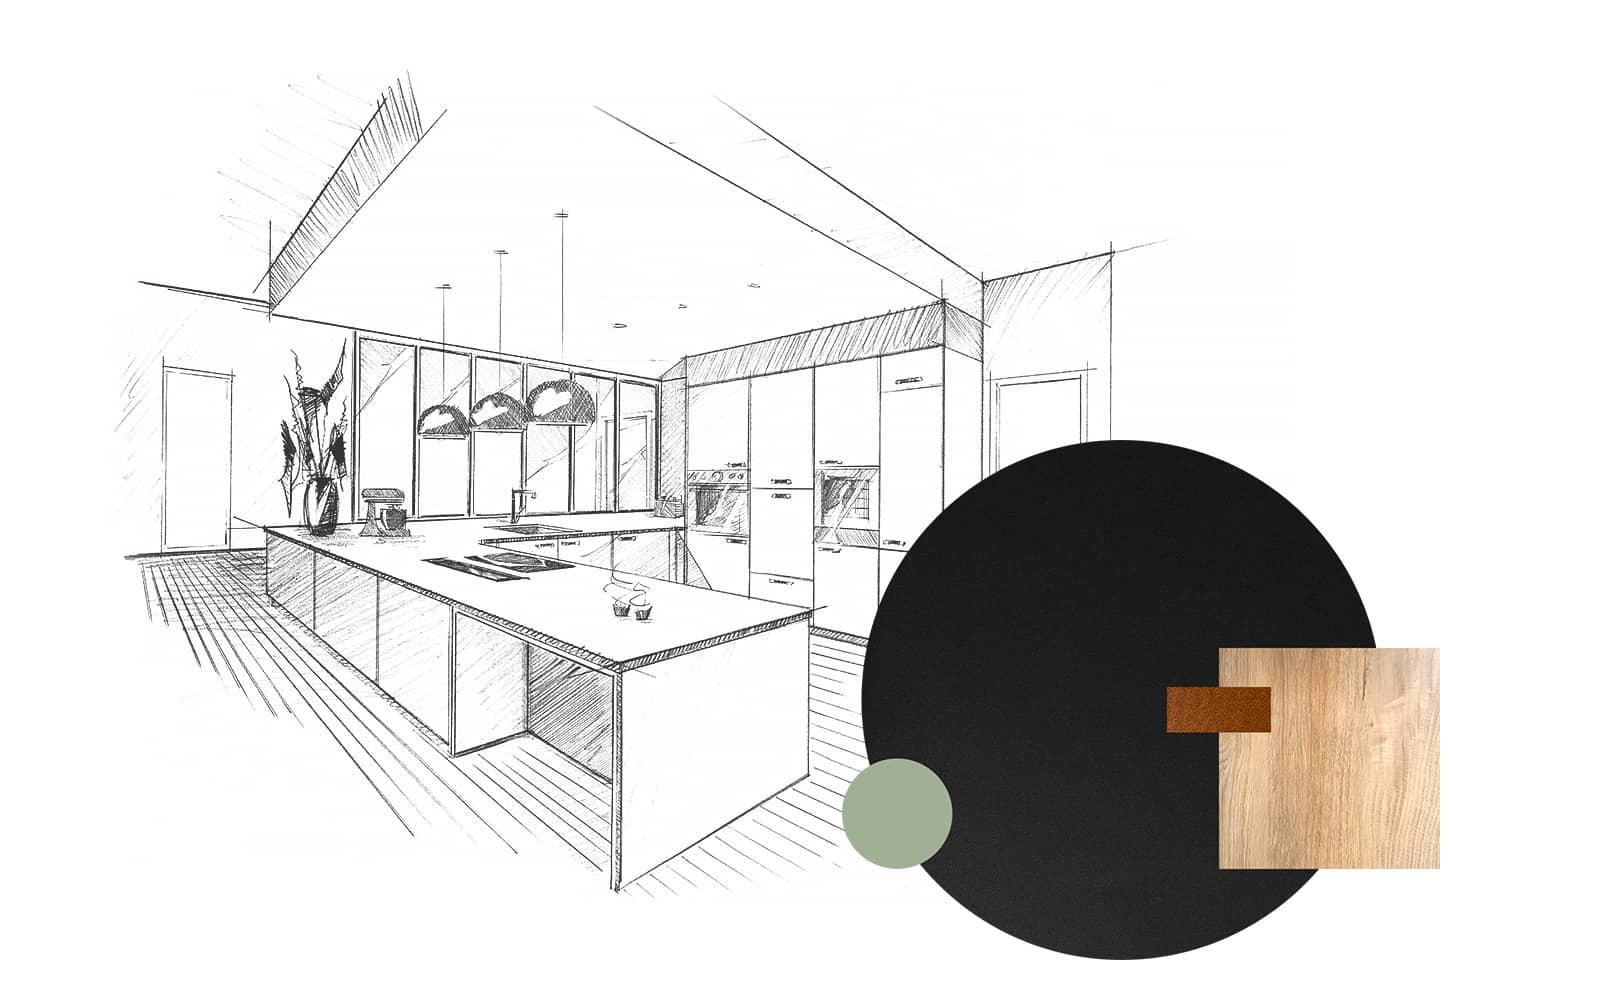 Projet de l'Atelier de Léa : dessin en perspective et échantillons d'une cuisine moderne noire sur-mesure en cube avec verrière.